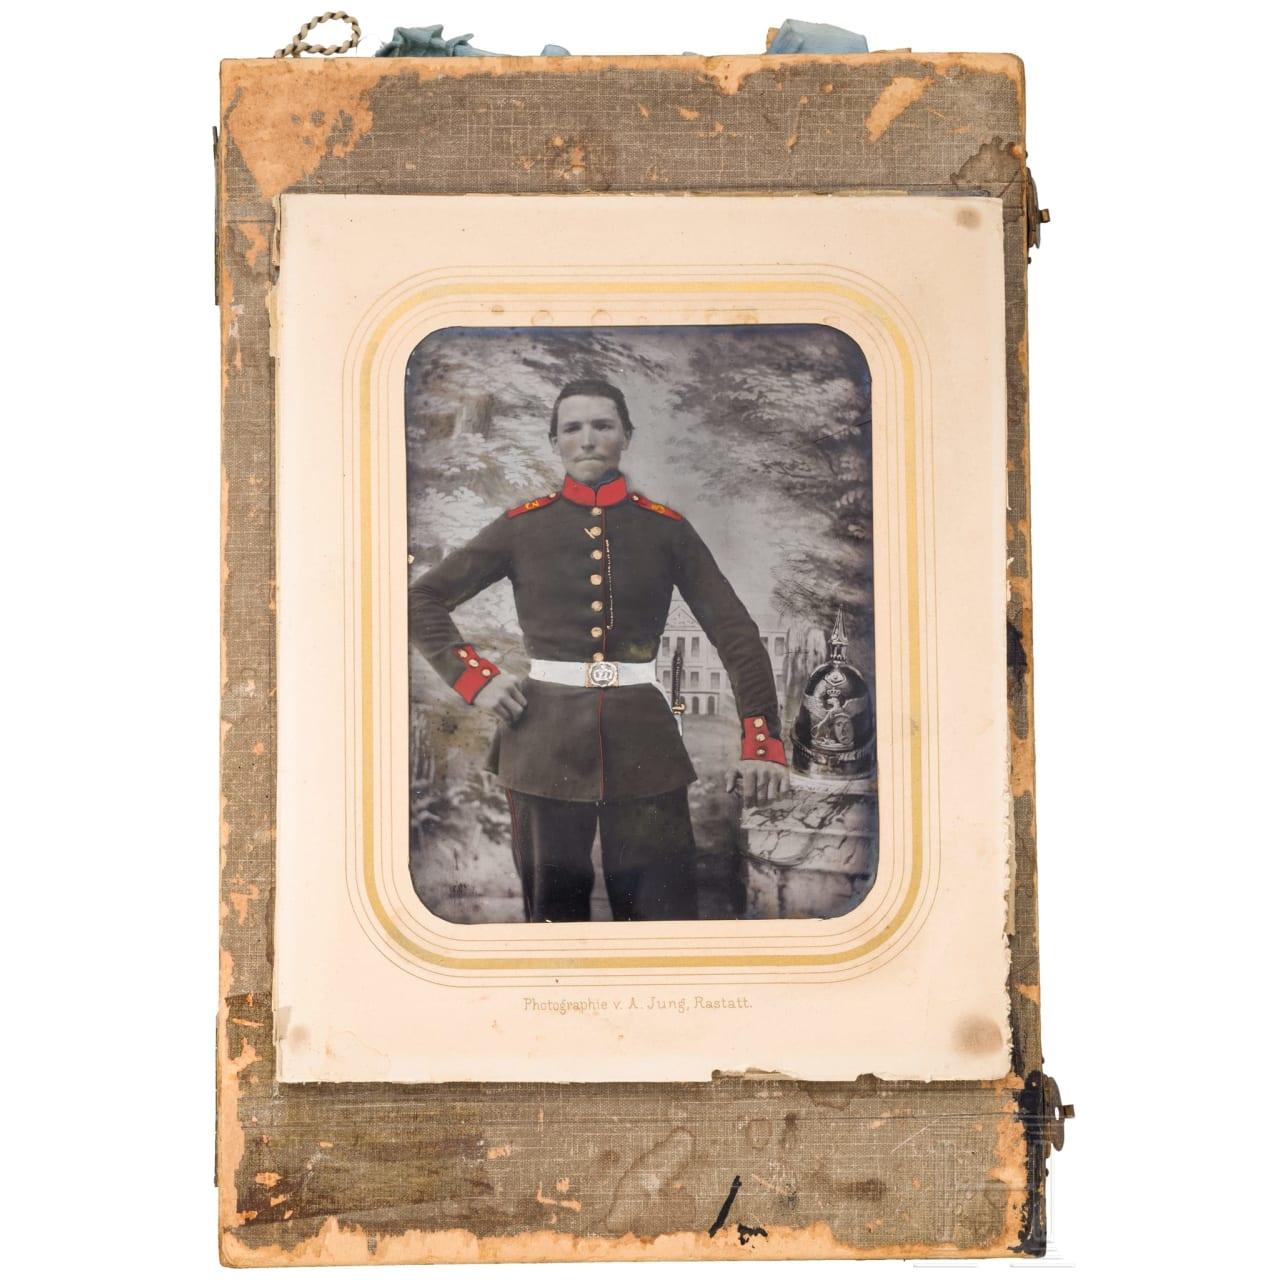 Teilkolorierte Aufnahme eines Soldaten des 3. Infanterie-Regiments Markgraf Ludwig Wilhelm, um 1855